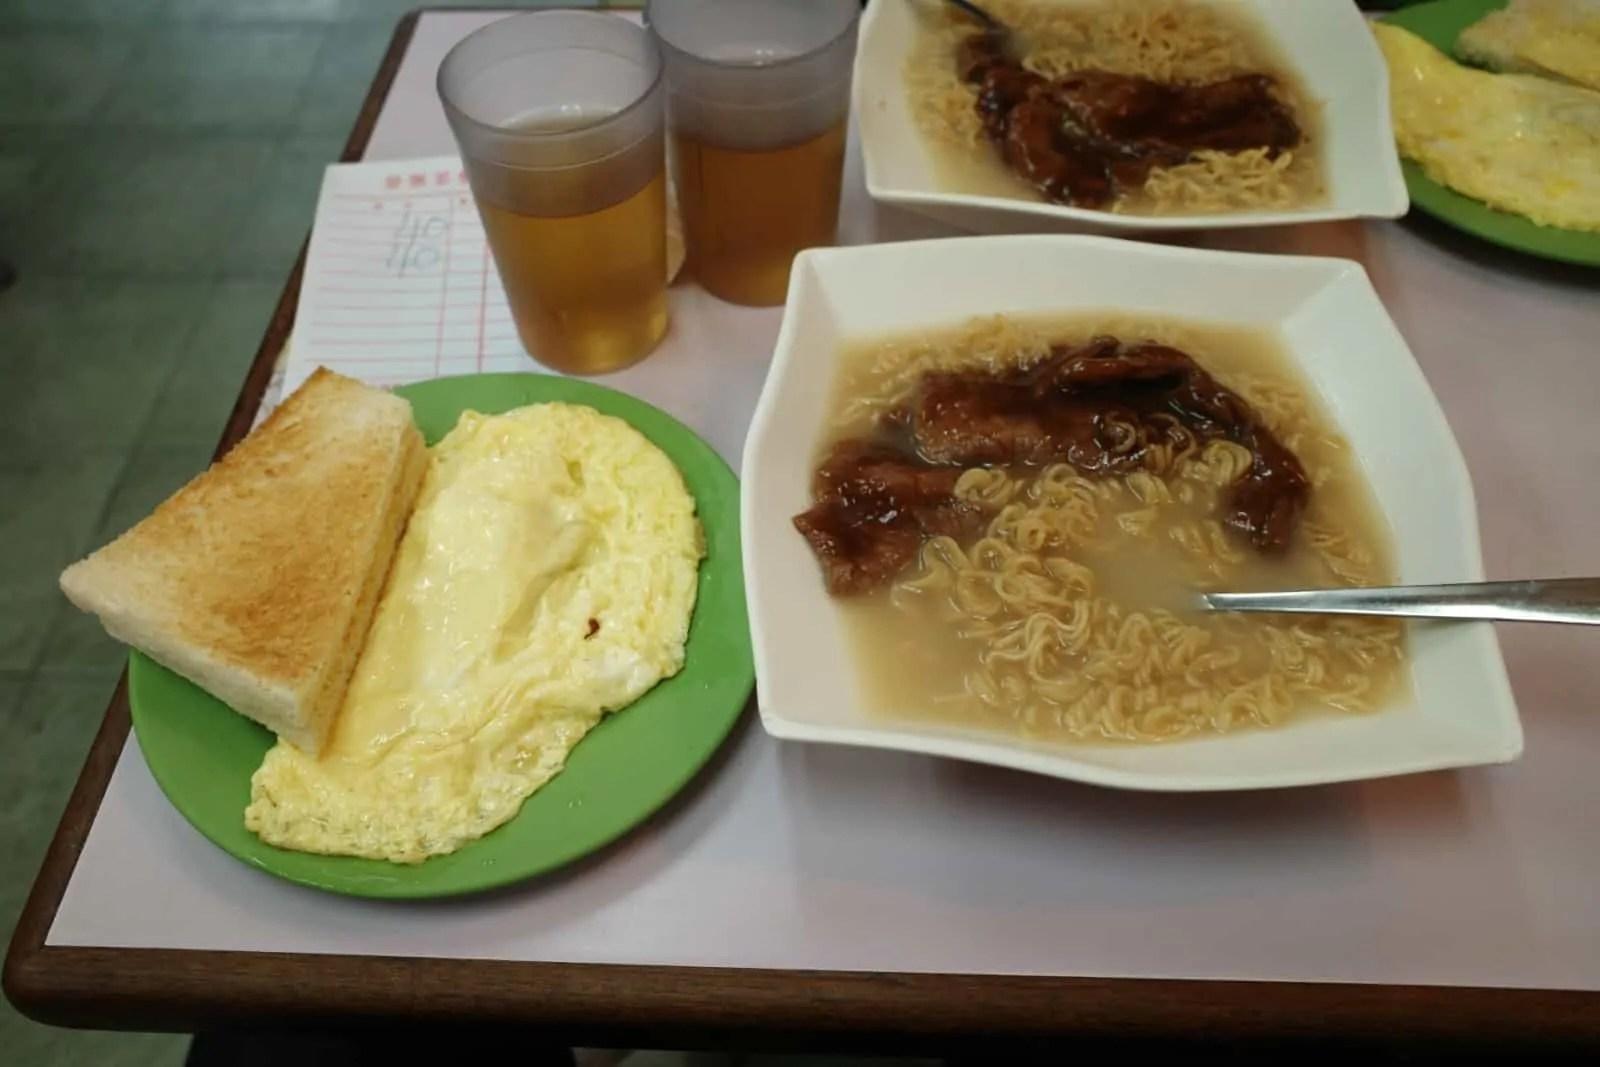 沙田黃店:榮樂茶餐廳-香港嘅古早味舊港式茶記 - 大兄臺